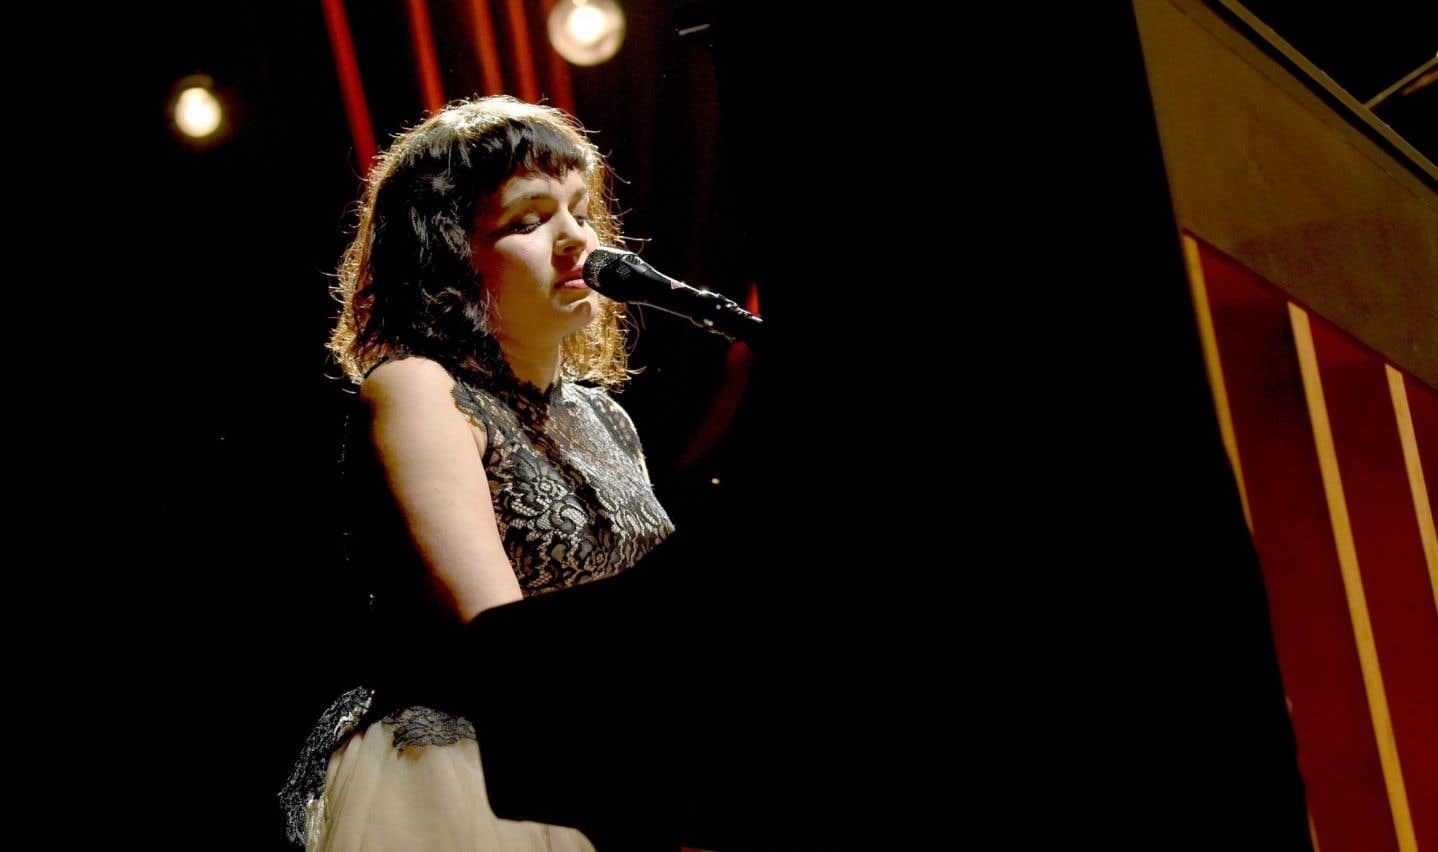 Elle attire la lumière, Norah Jones, et on l'écoute quand elle chante.